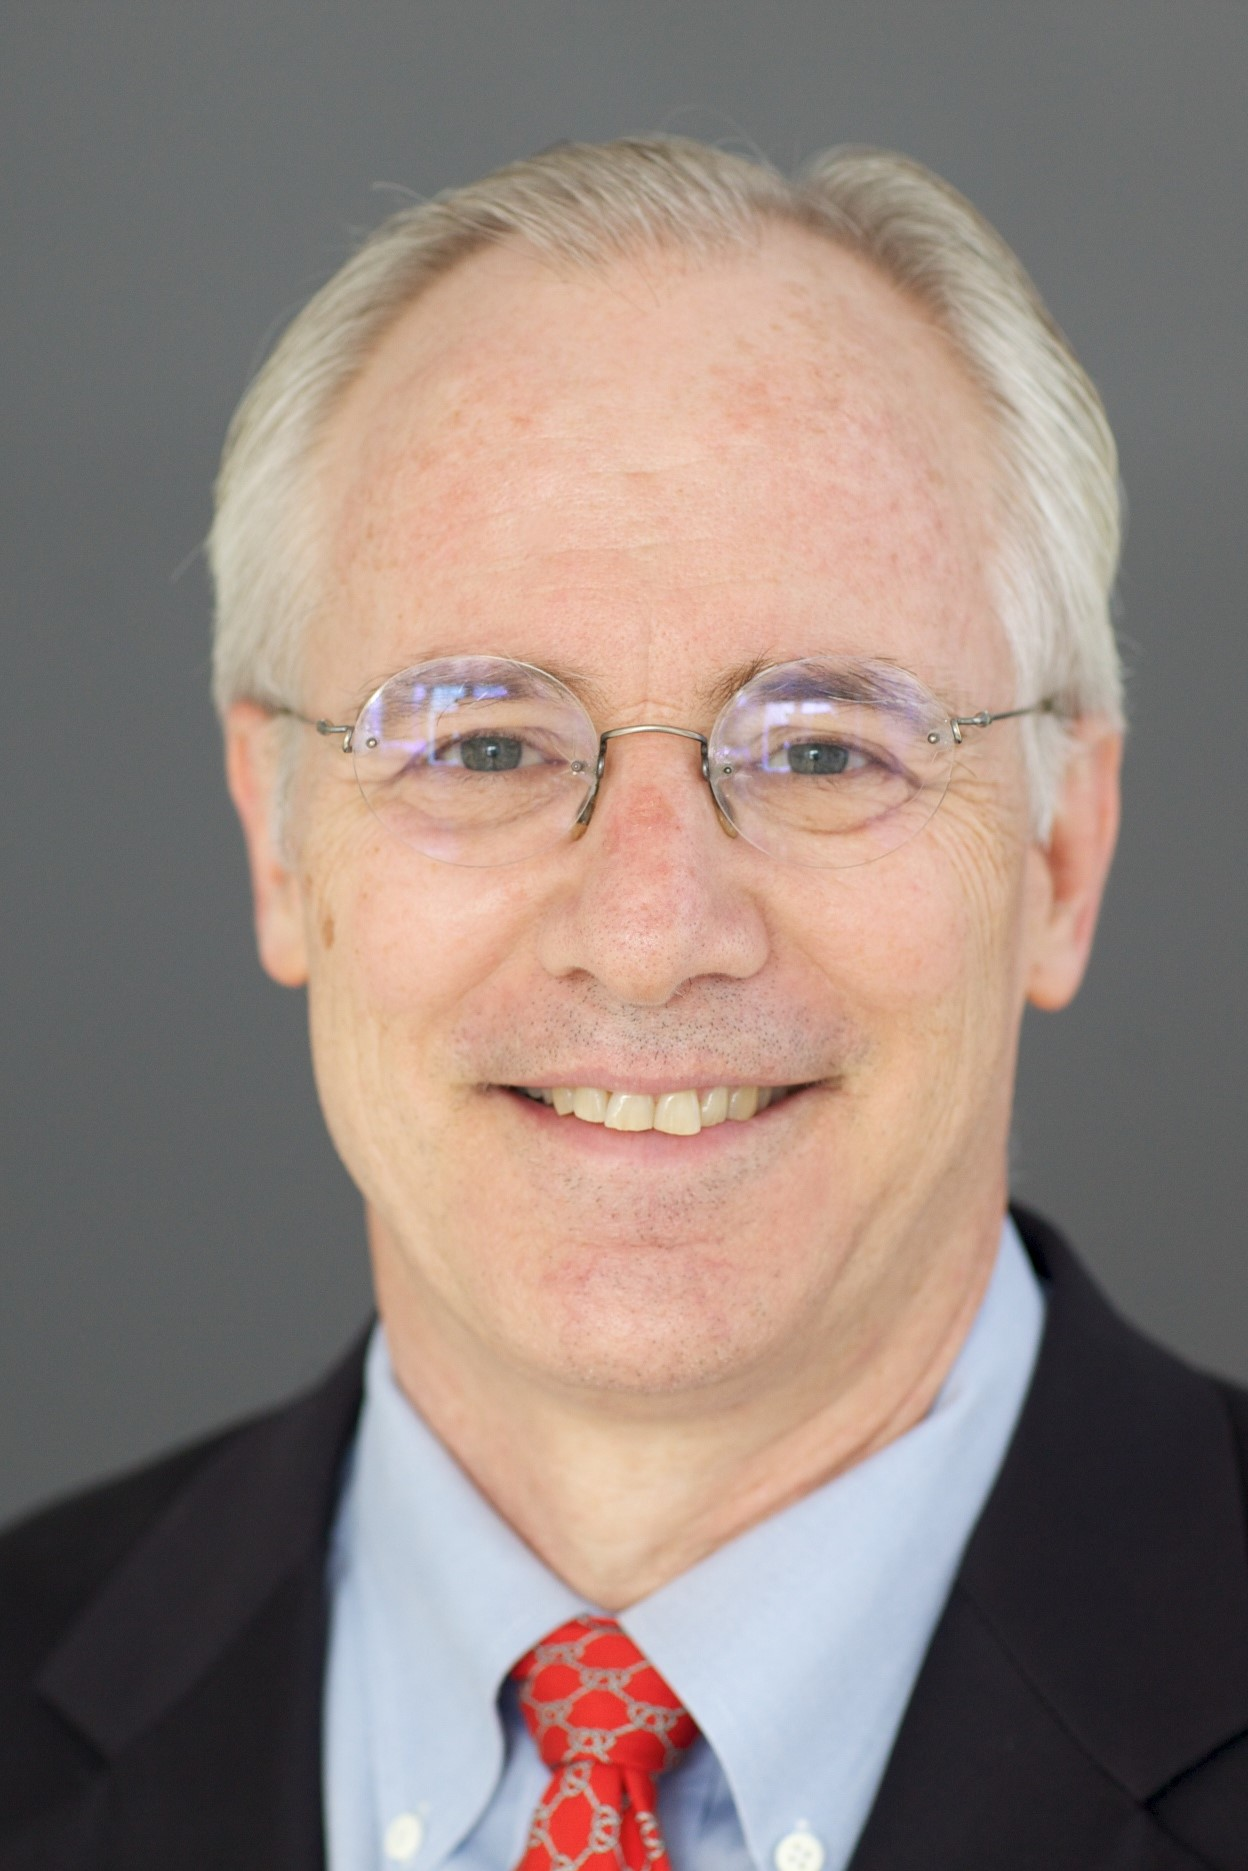 Jeff Voigt